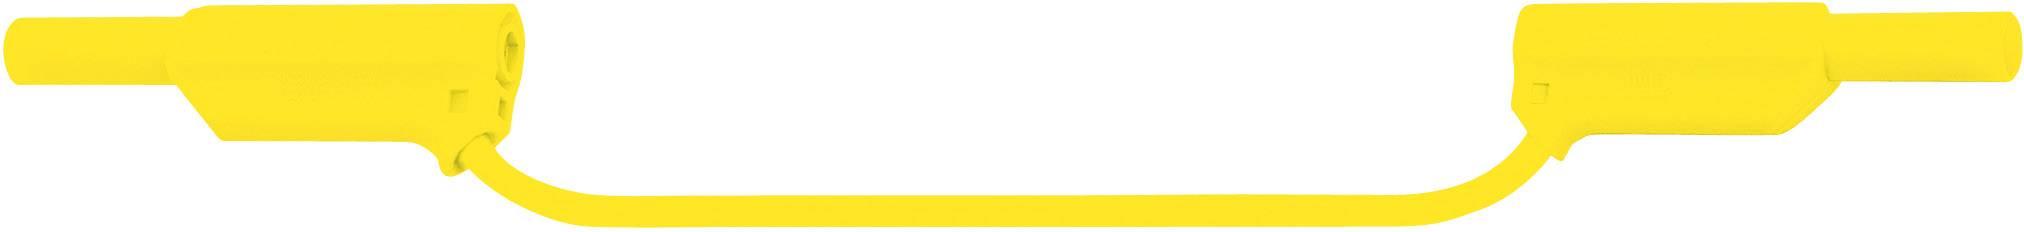 Merací silikónový kábel Multicontact XVS-4075, 0,75 mm², žltý, 1 m